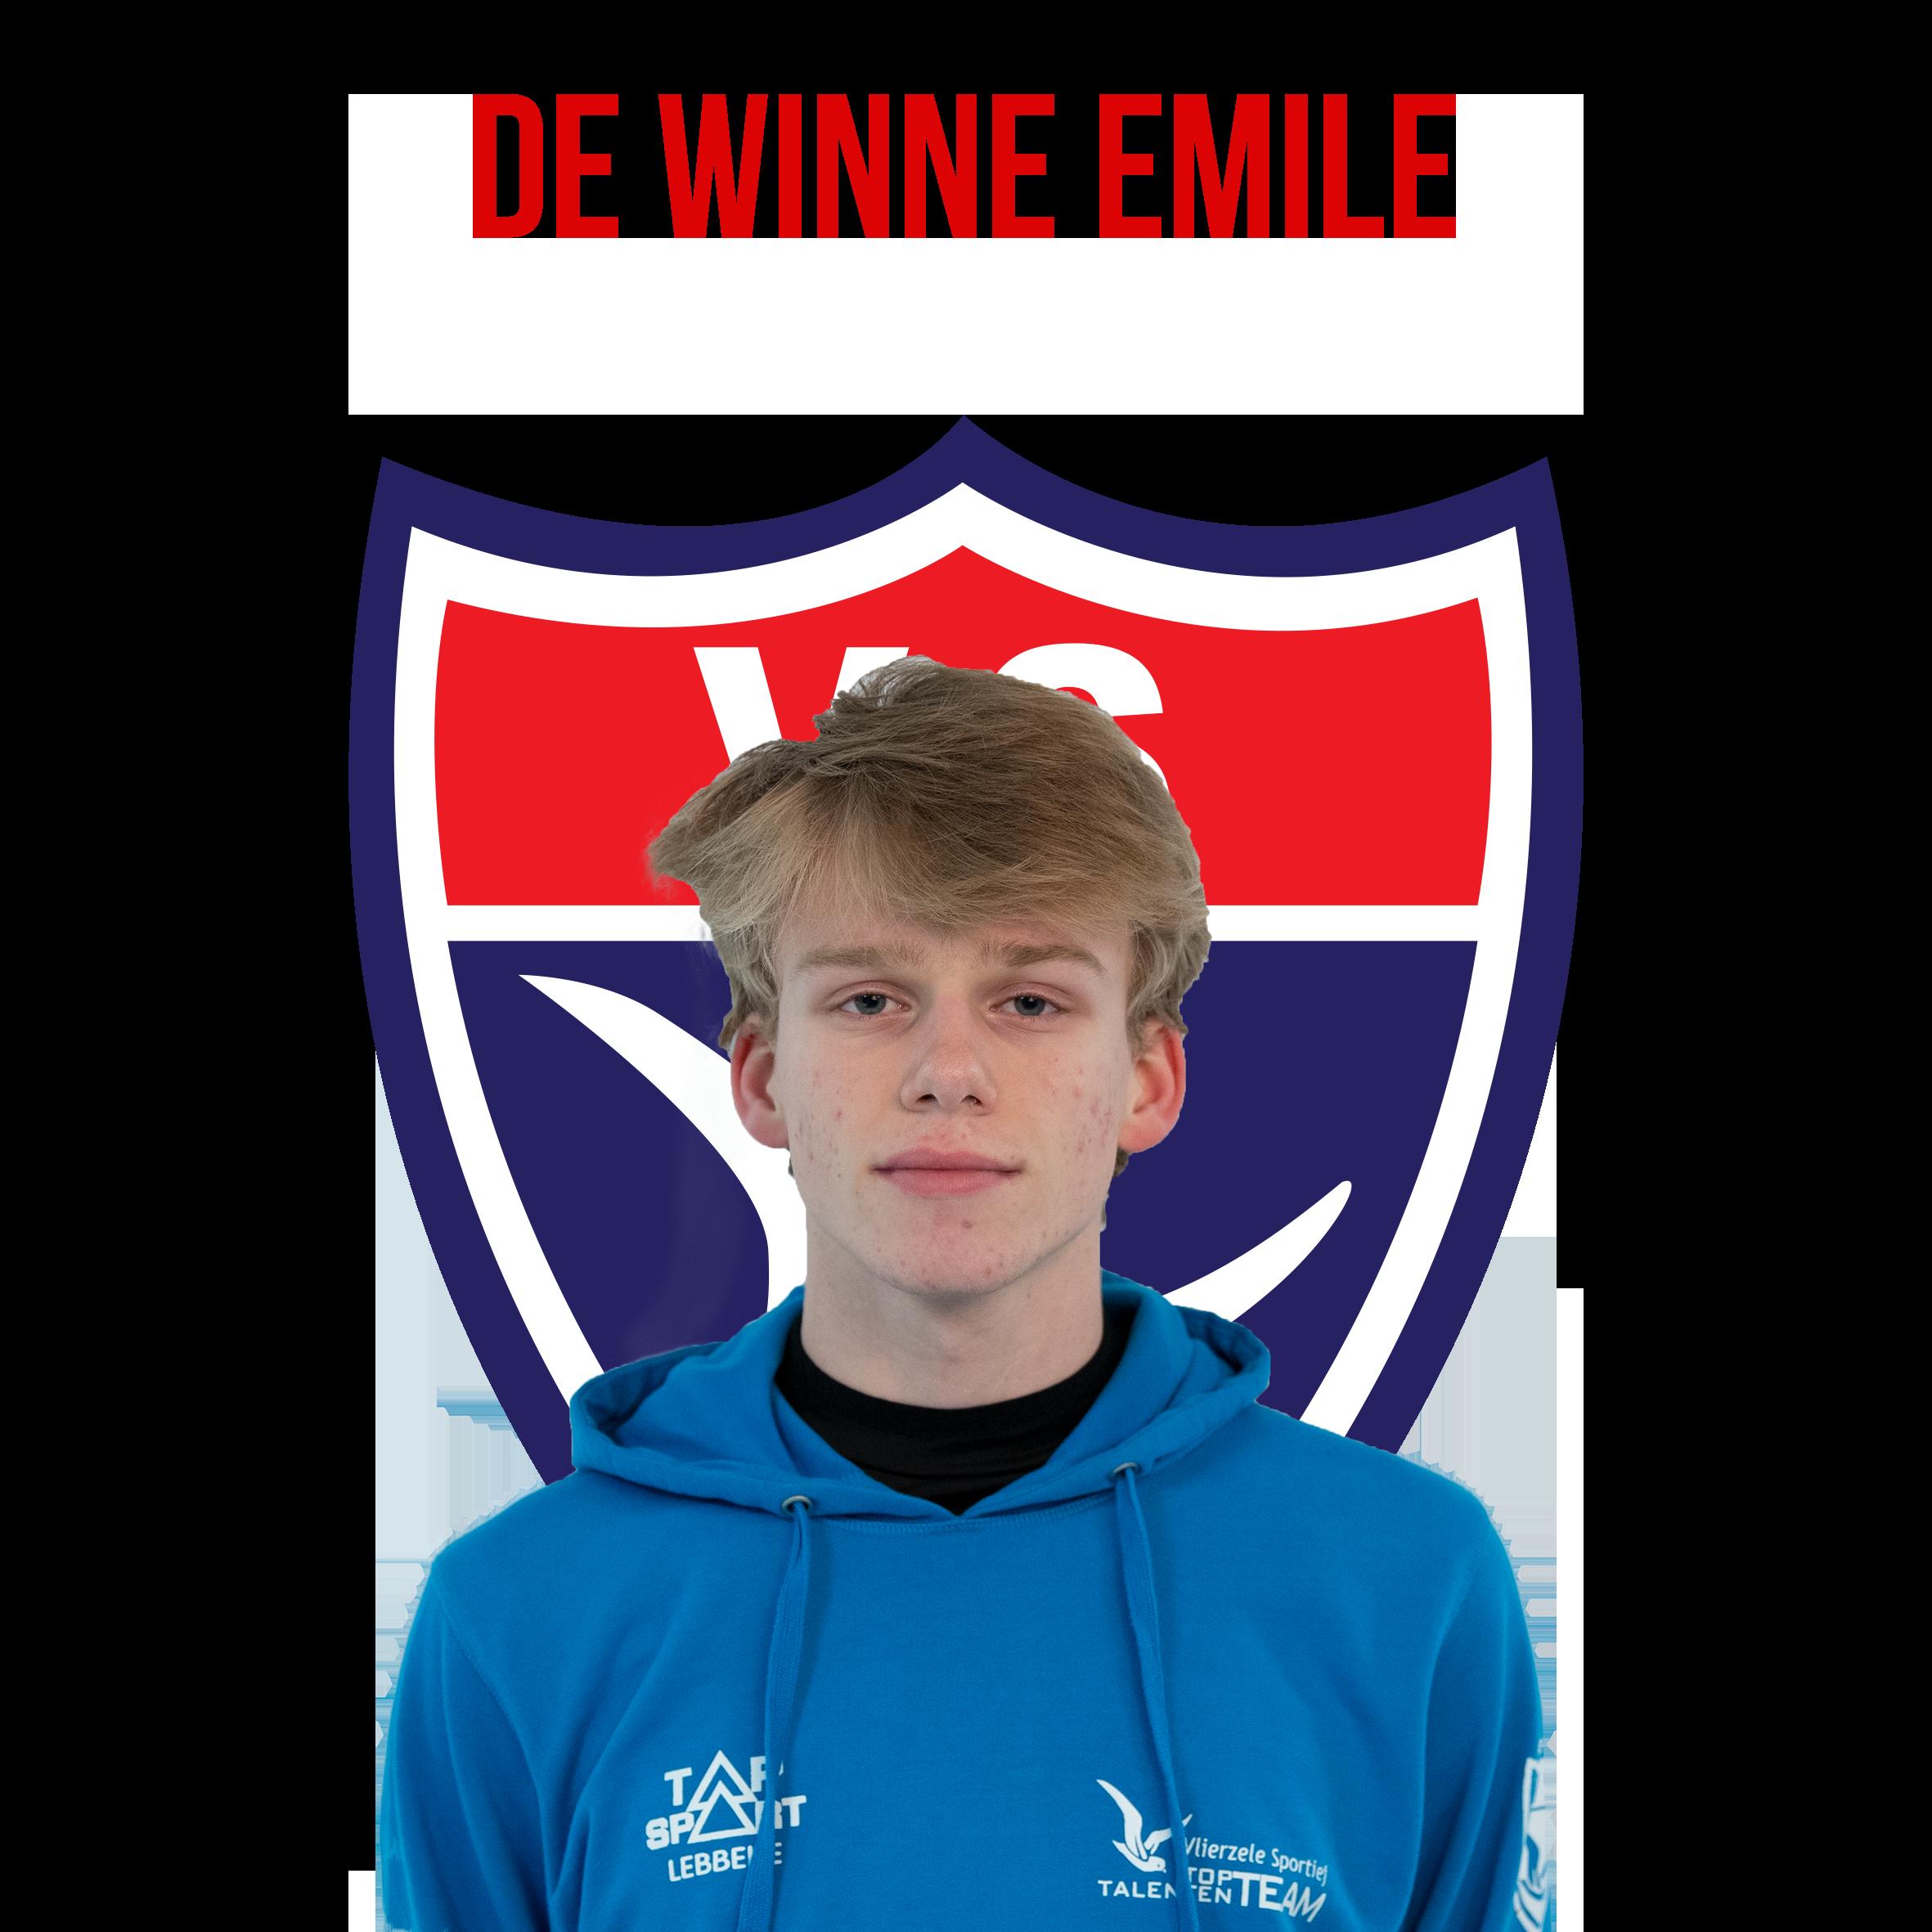 de_winne_emile